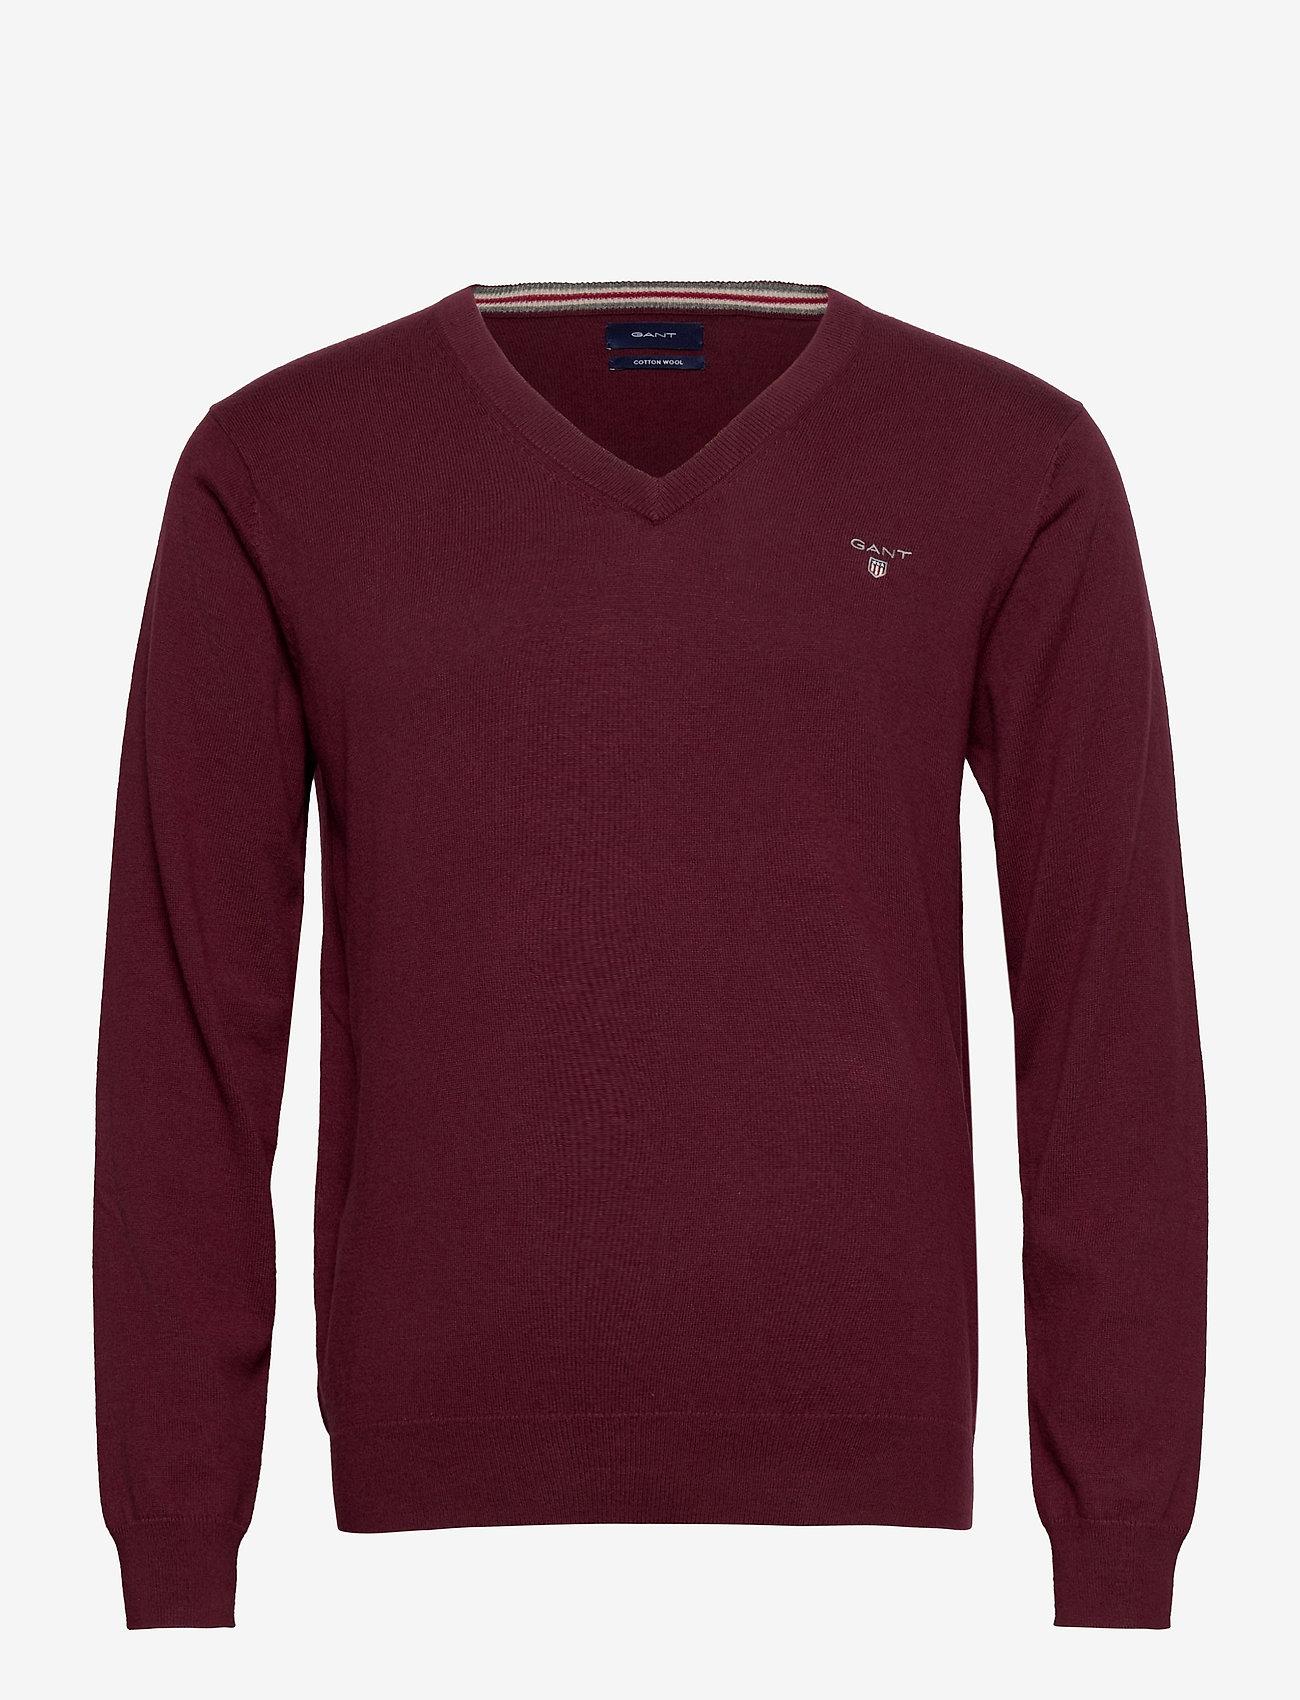 GANT - COTTON WOOL V-NECK - knitted v-necks - port red - 0